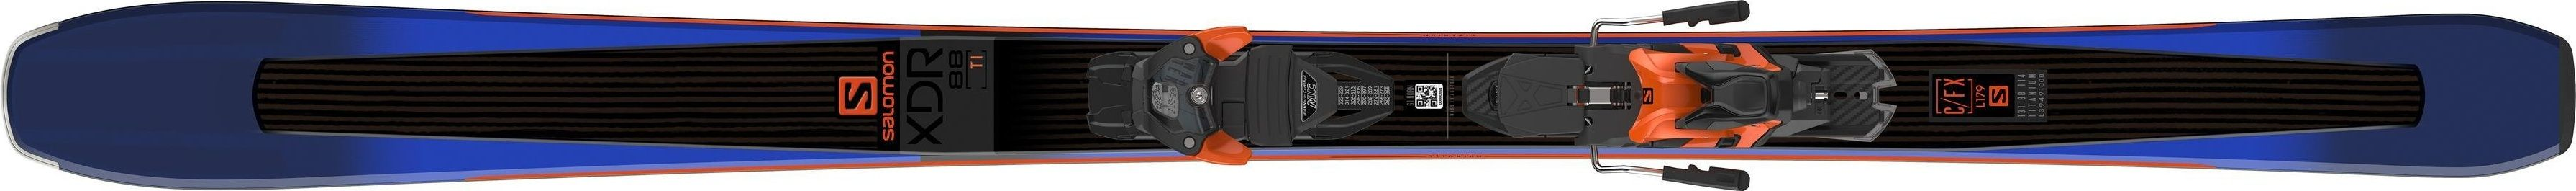 XDR 88 TI